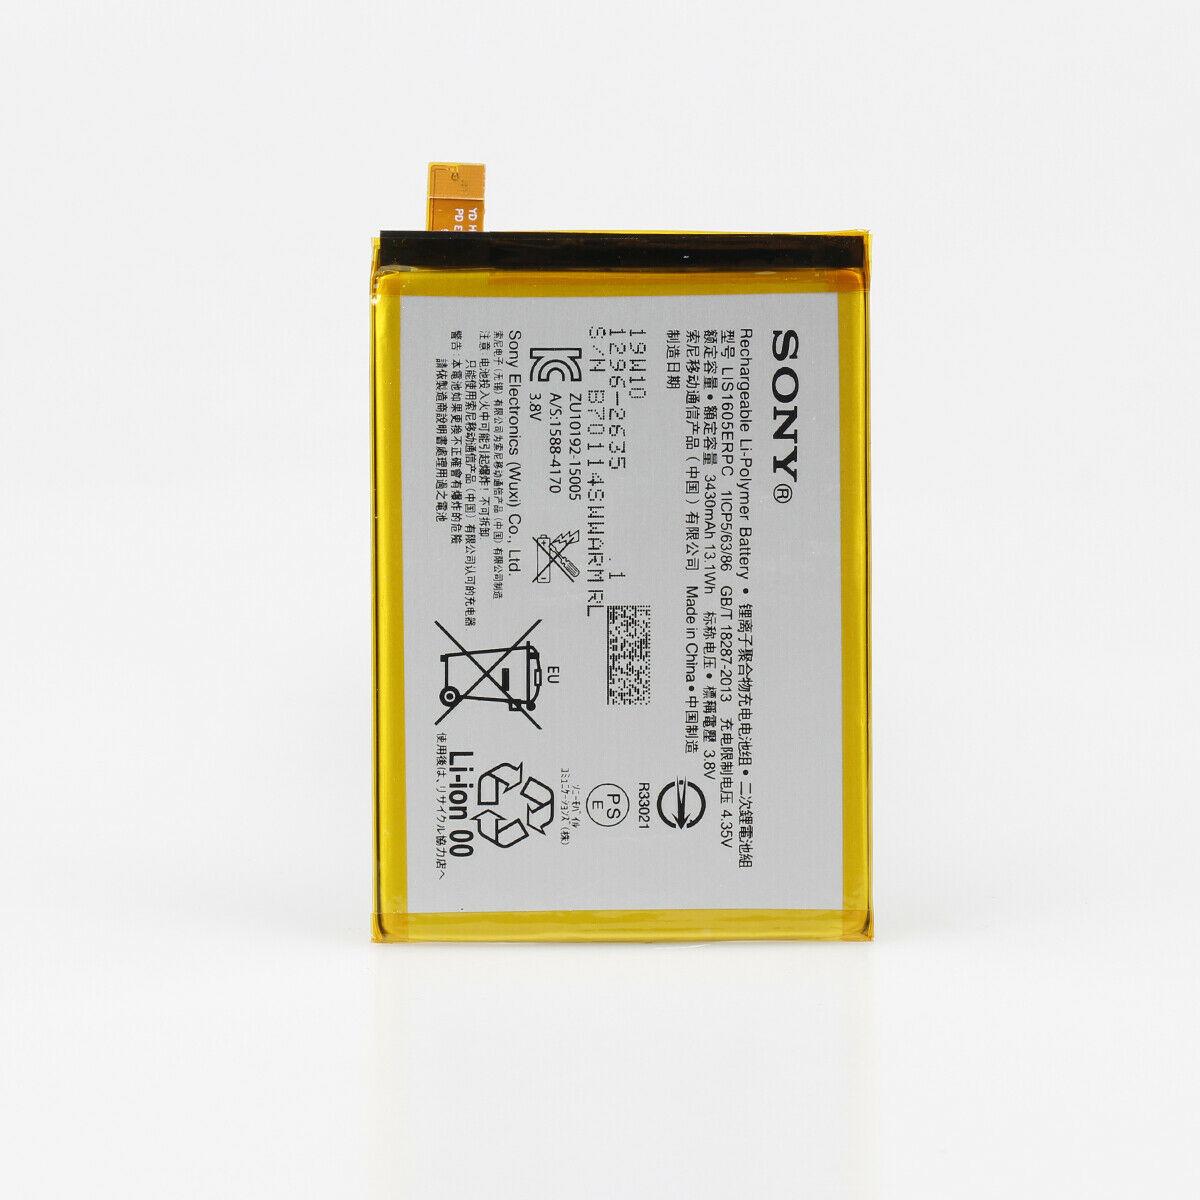 باتری-گوشی-موبایل-سونی-اکسپریا-زد-فایو-پریمیوم-Sony-Xperia-Z5-Premium-E6883-3430mAh-LIS1605ERPC.jpg